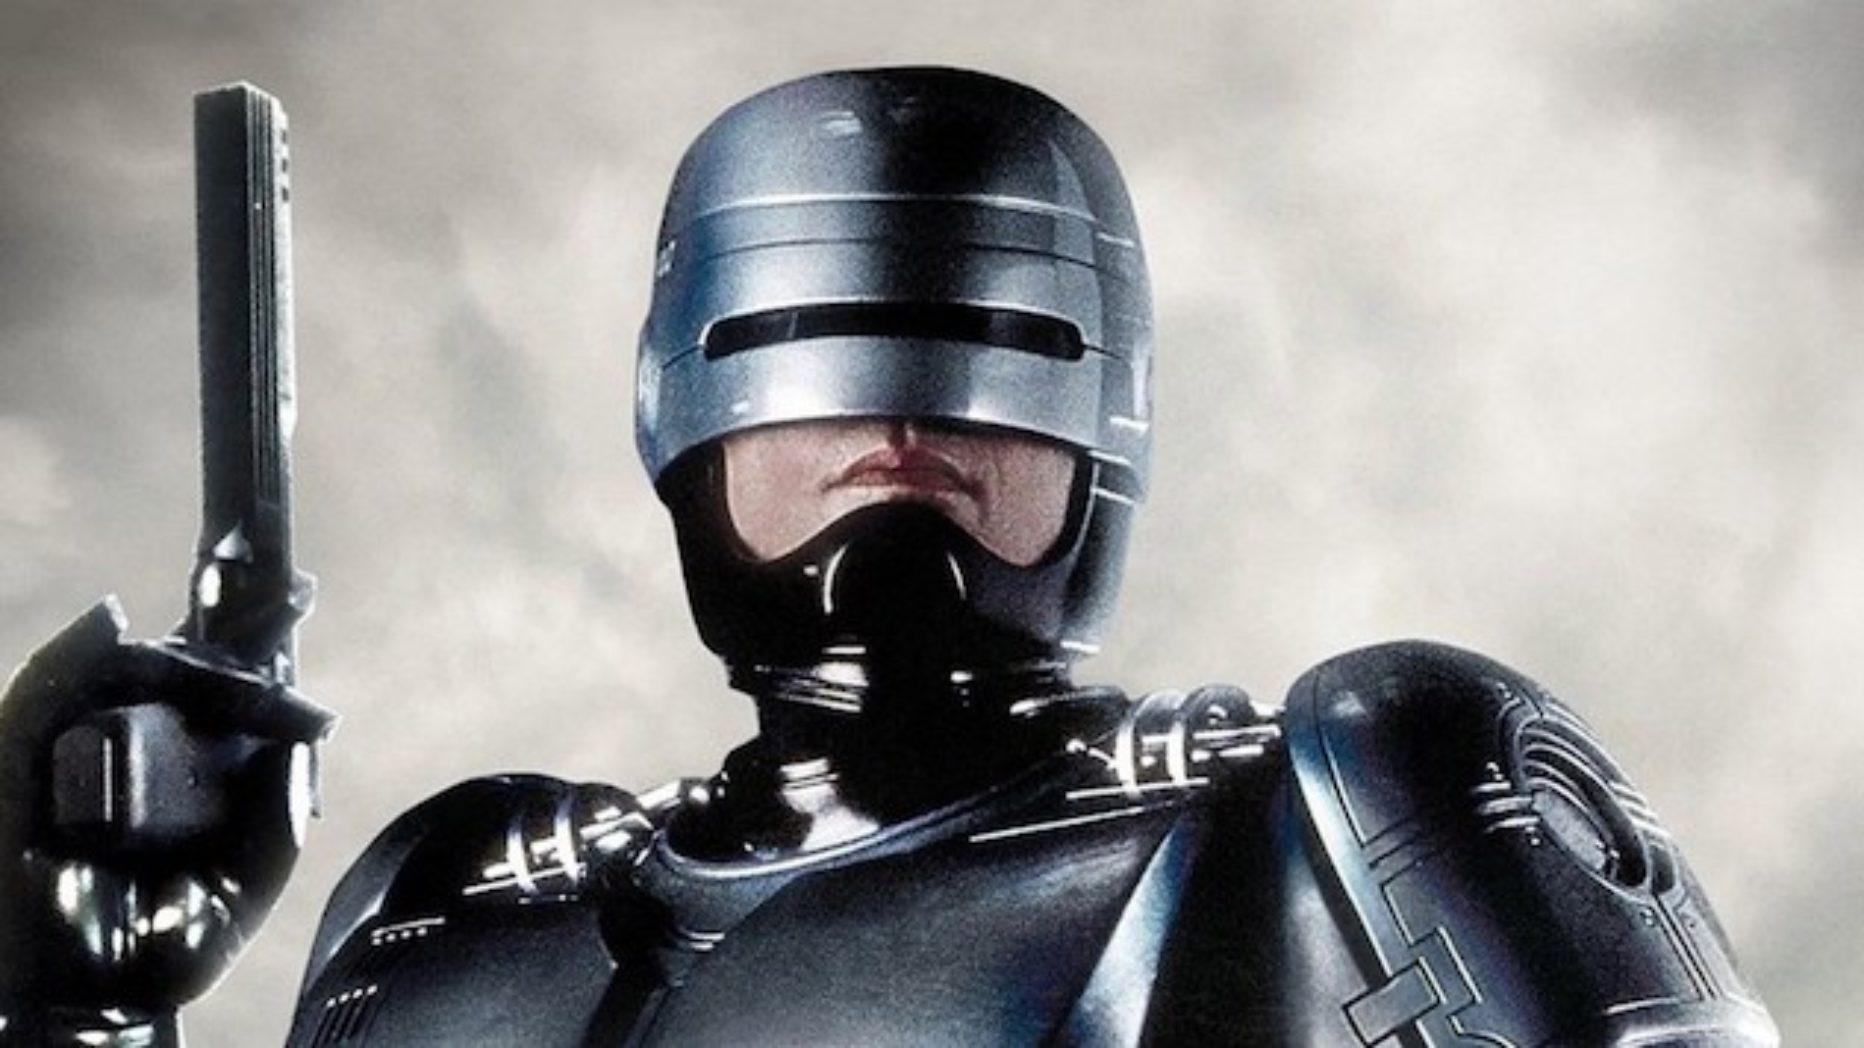 RoboCop-Poster-Main-1864x1048.jpg